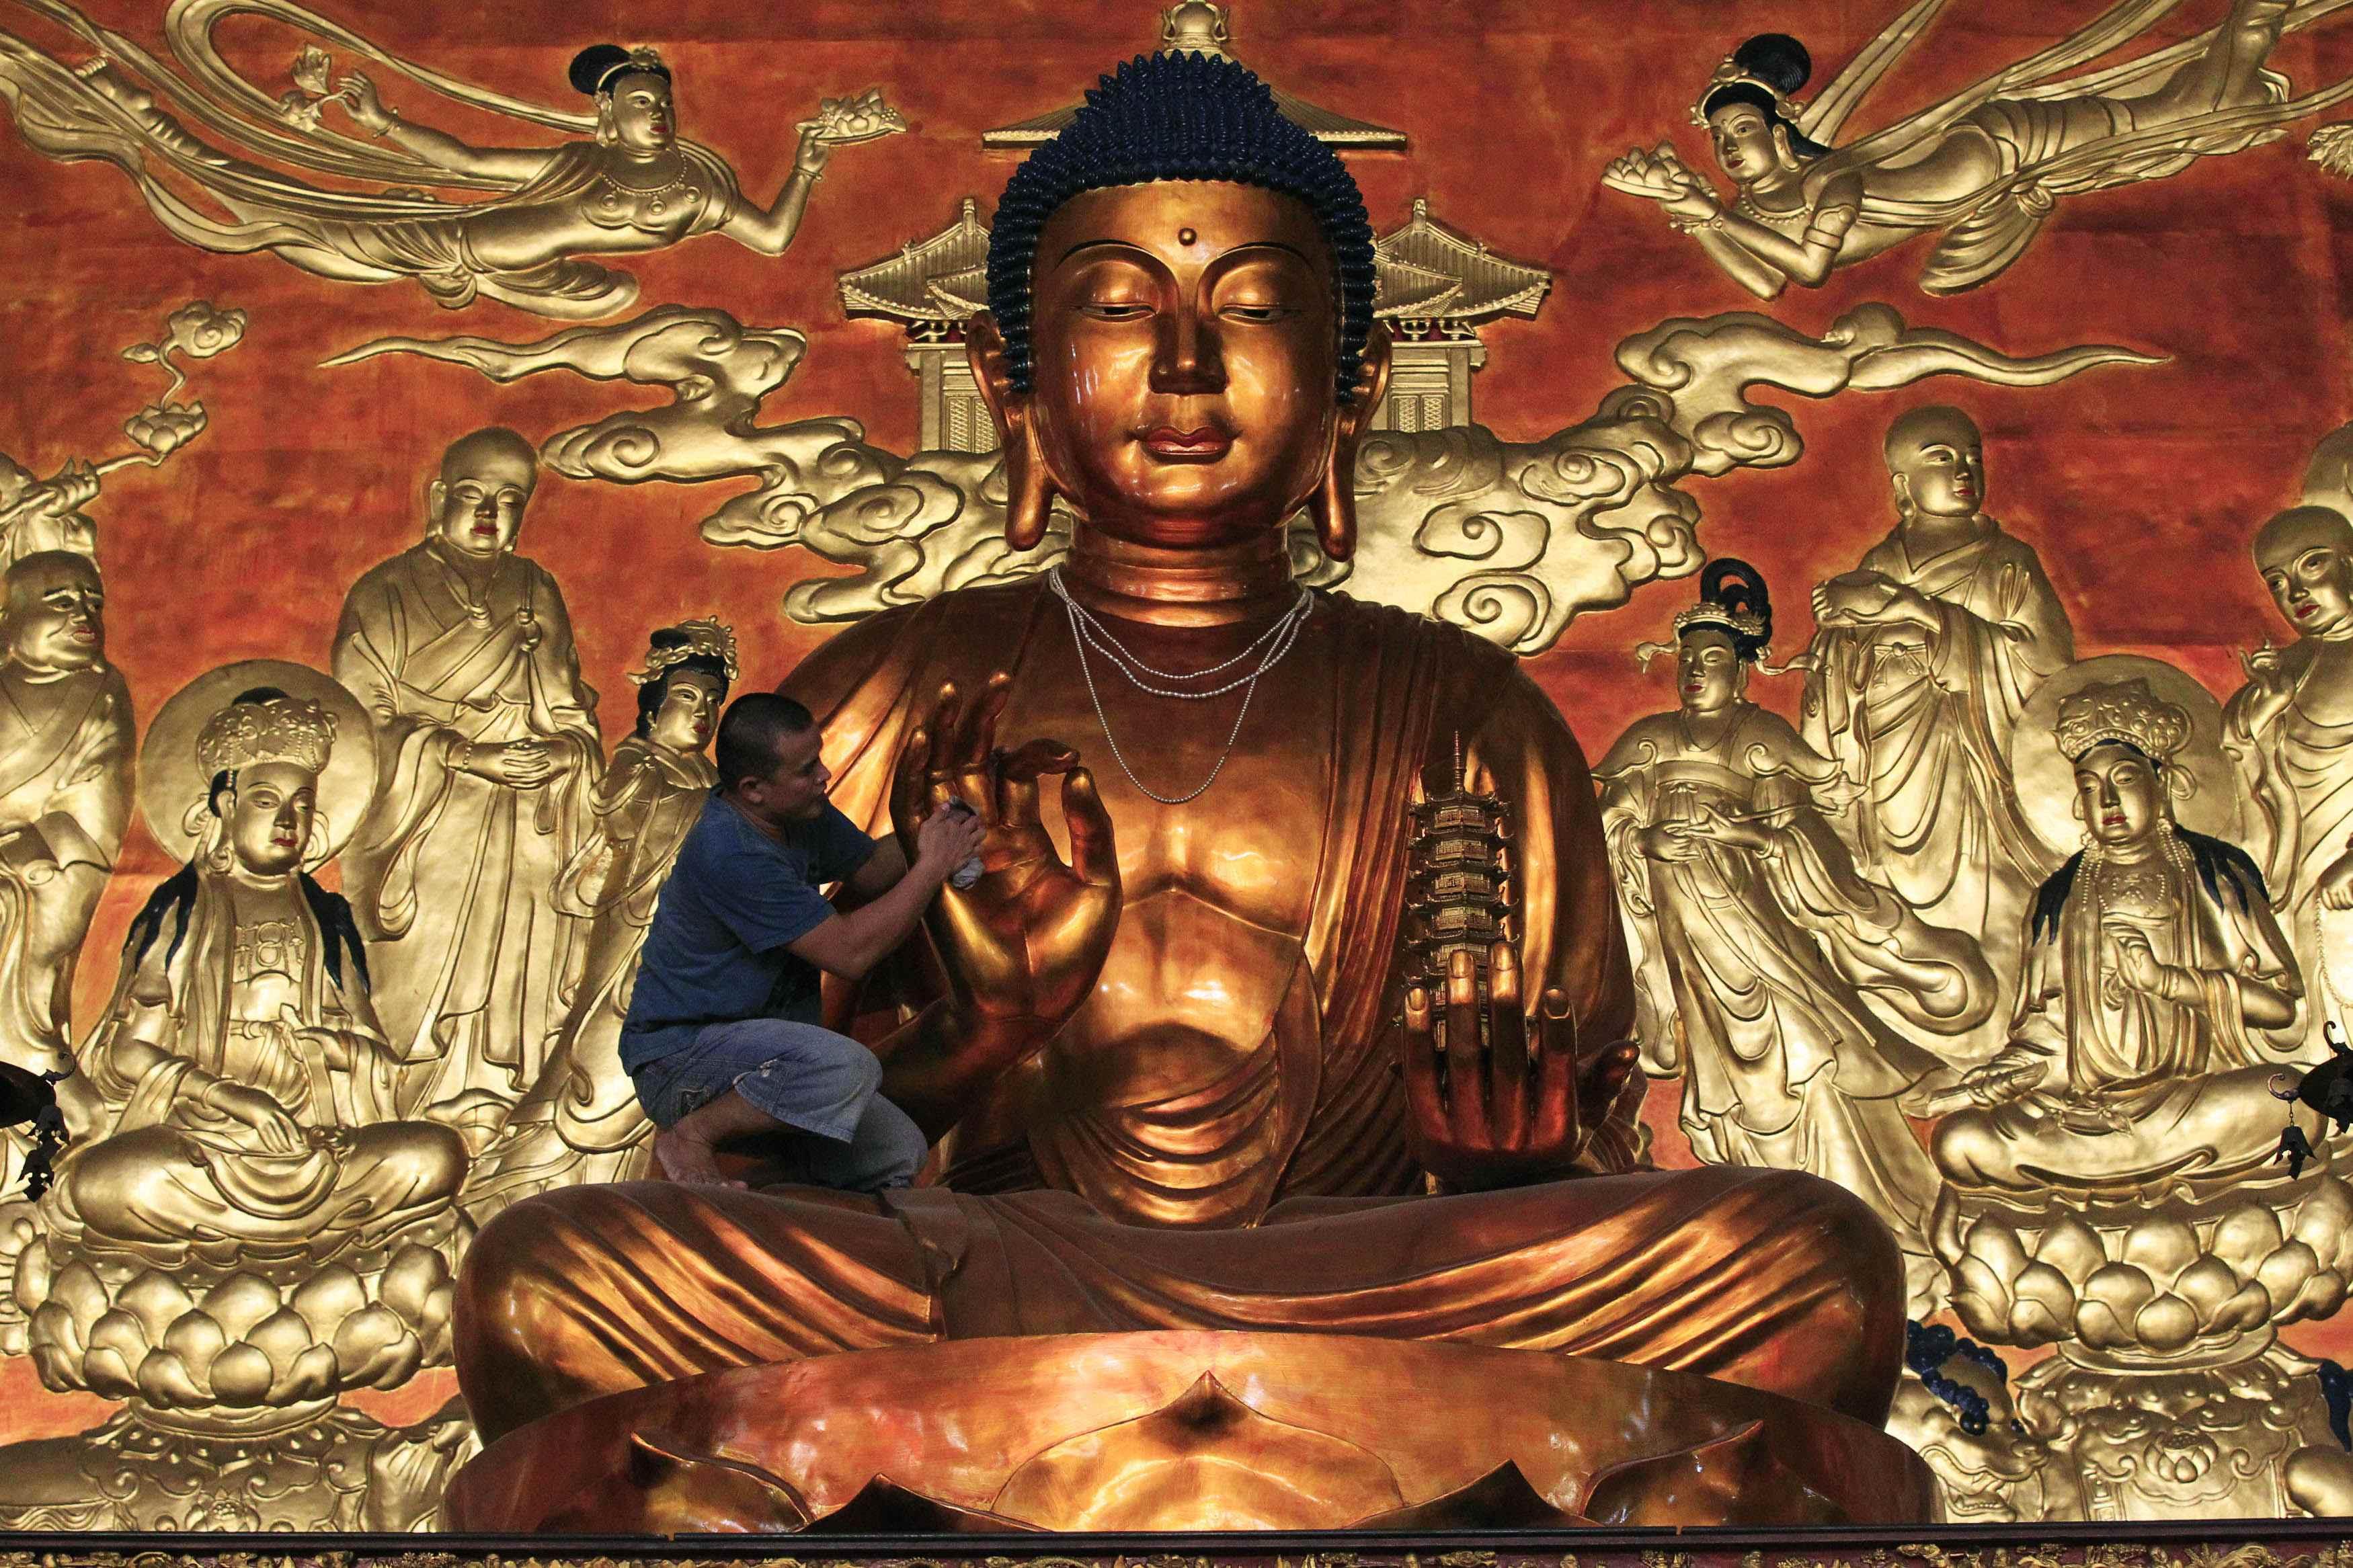 купить буддизм в картинках и с пояснениями гагре предусмотрели